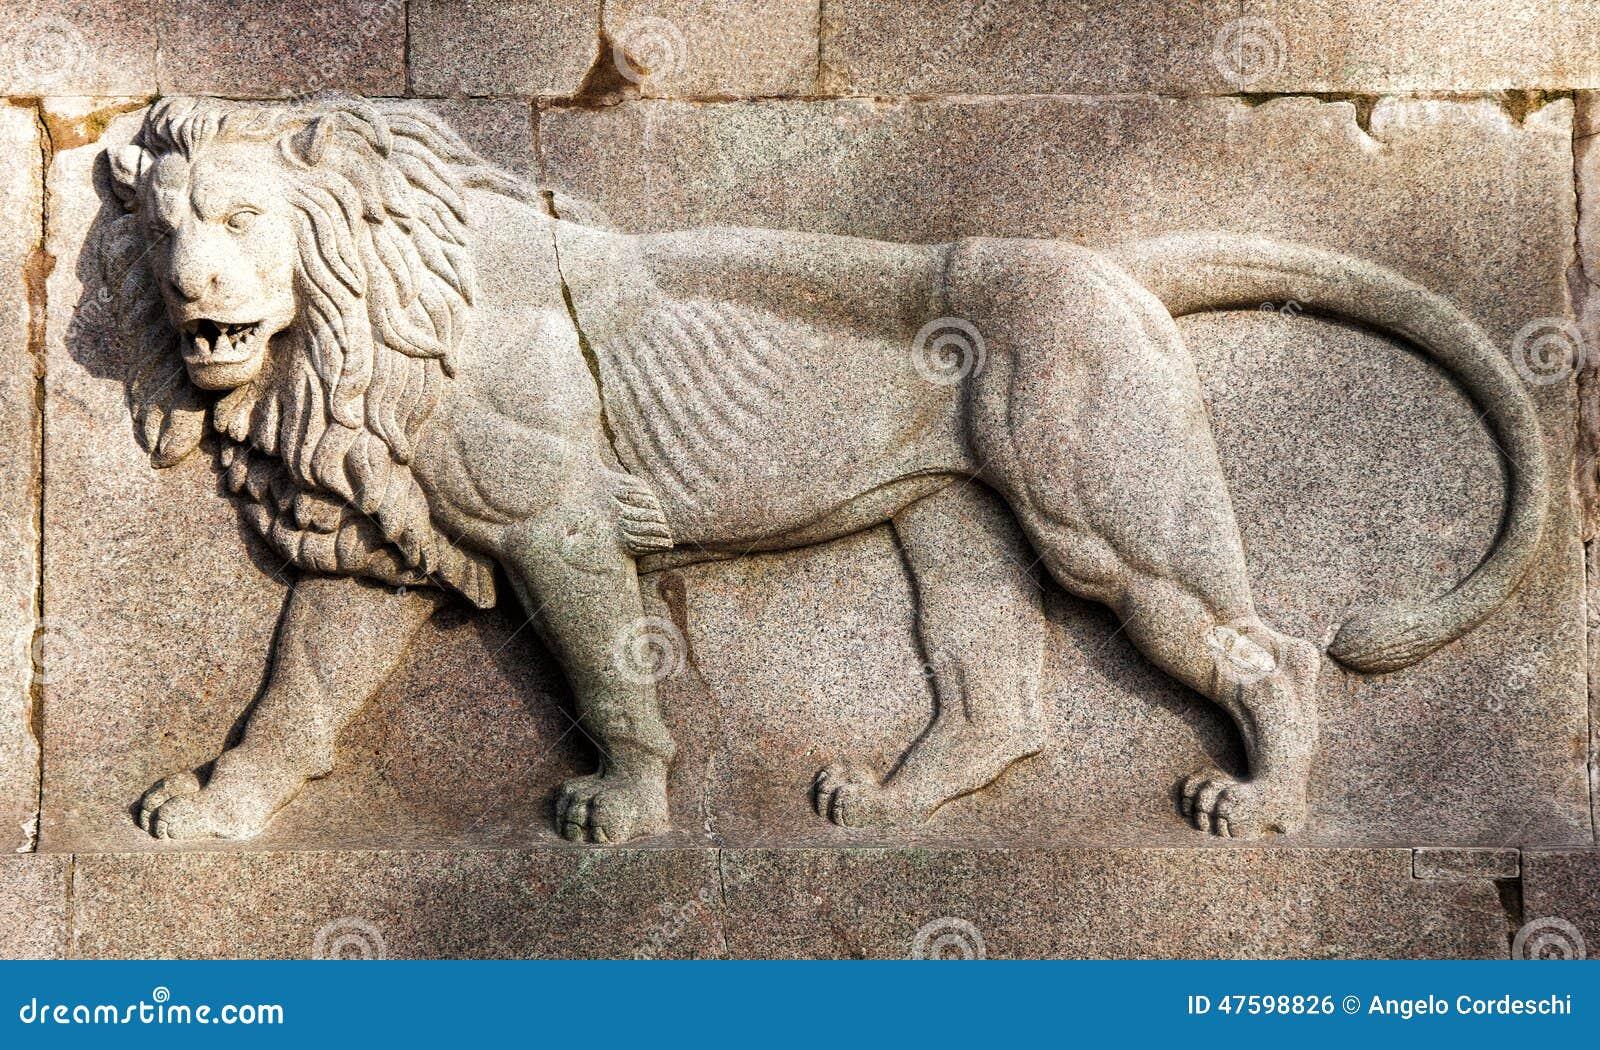 Bas-relief de lion sur la pierre de travertin Monument équestre de garibaldi Beaux vieux hublots à Rome (Italie)